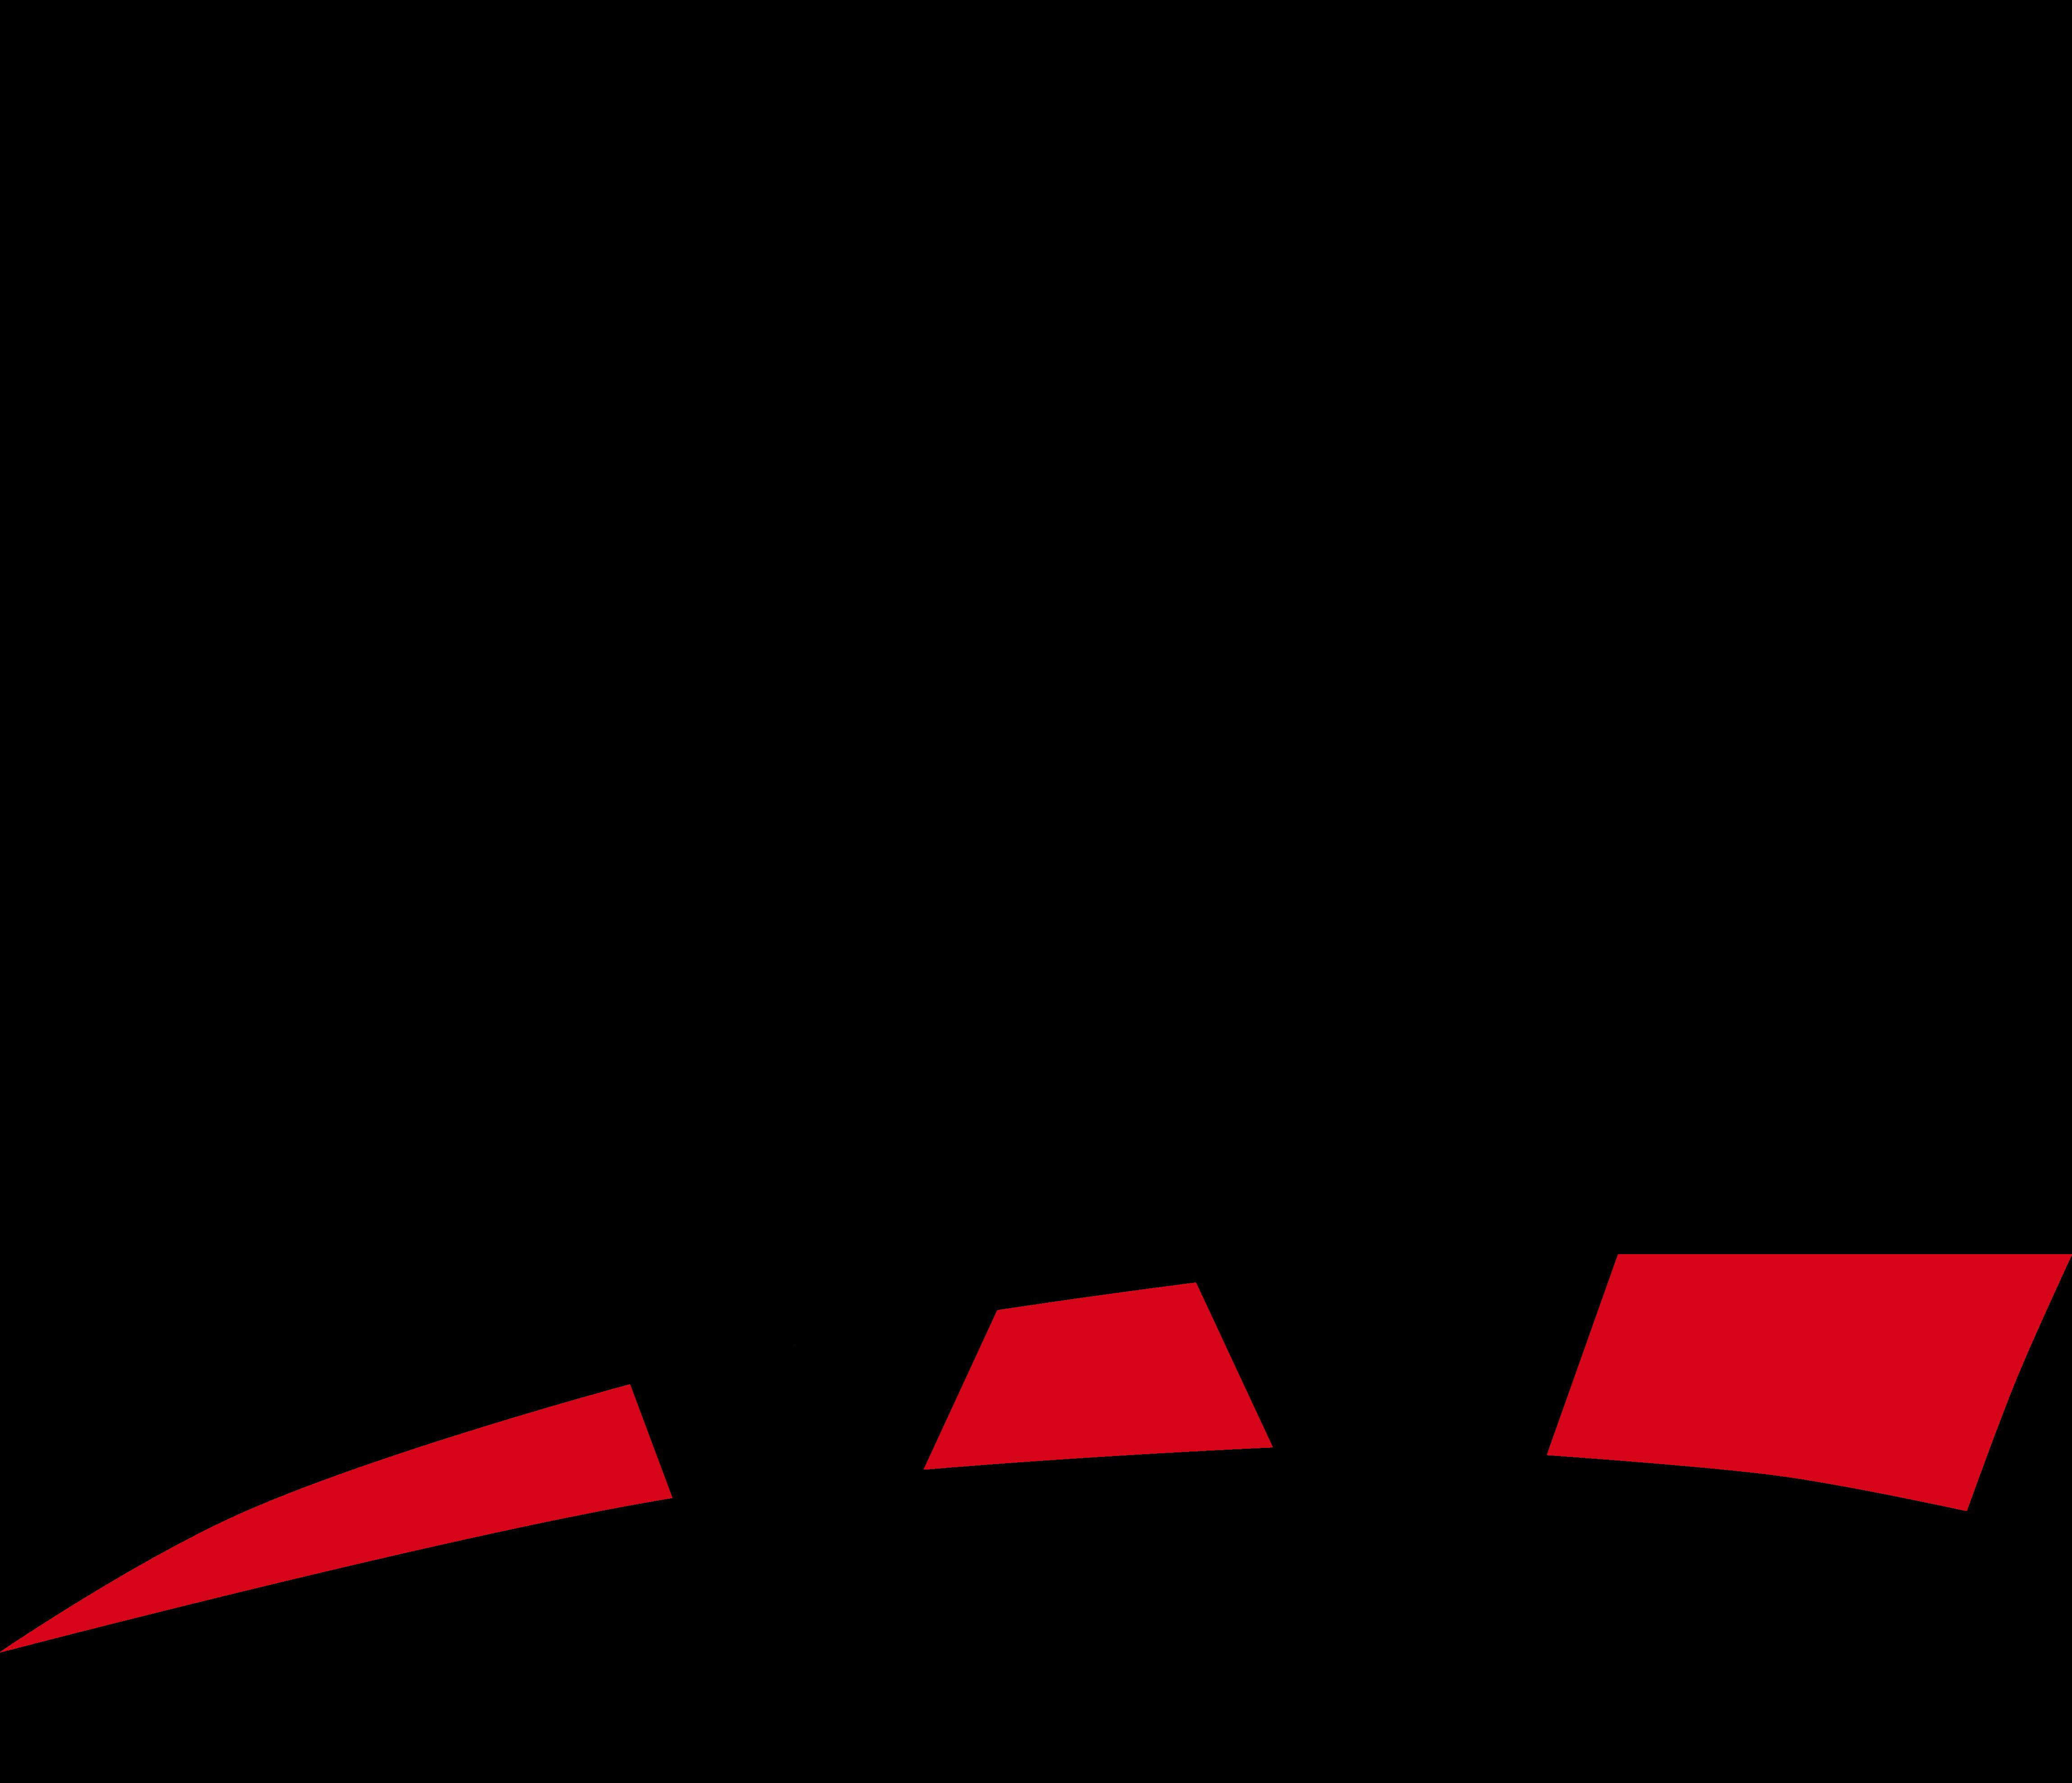 wwe logo black png #2462